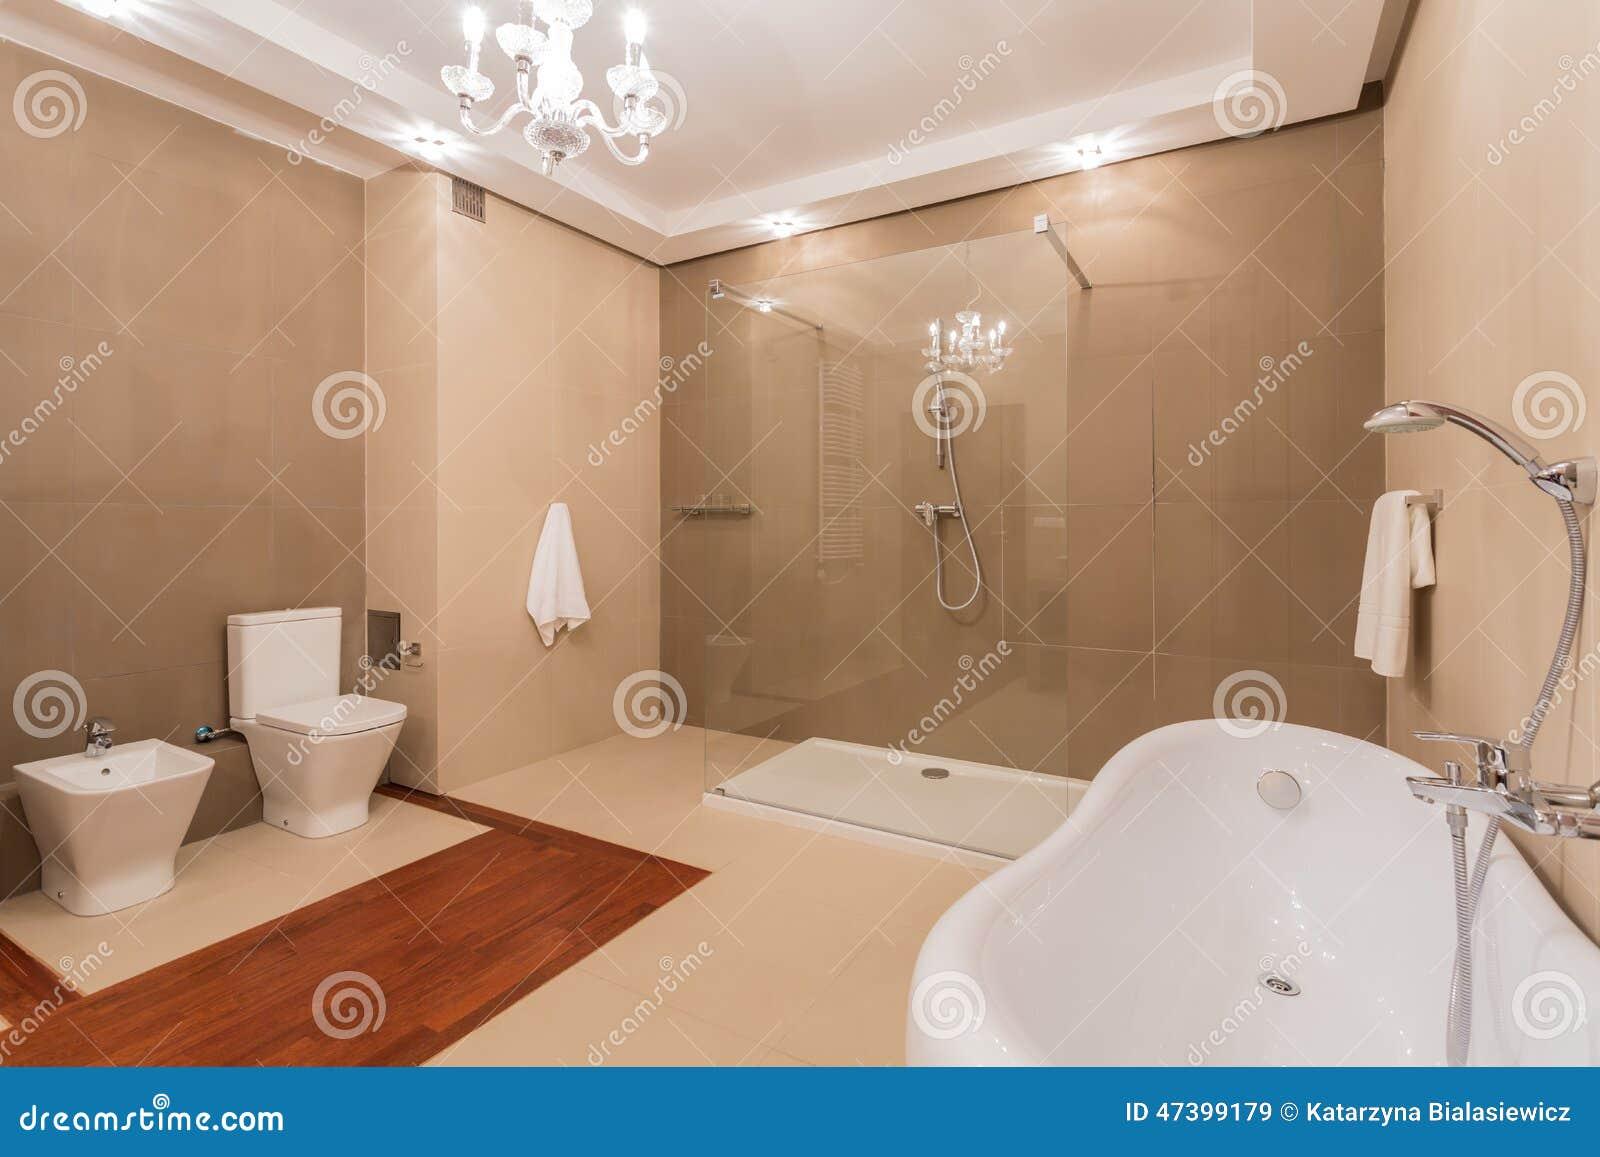 Dusche auf Wand stockbild. Bild von dekor, zeitgenössisch - 47399179